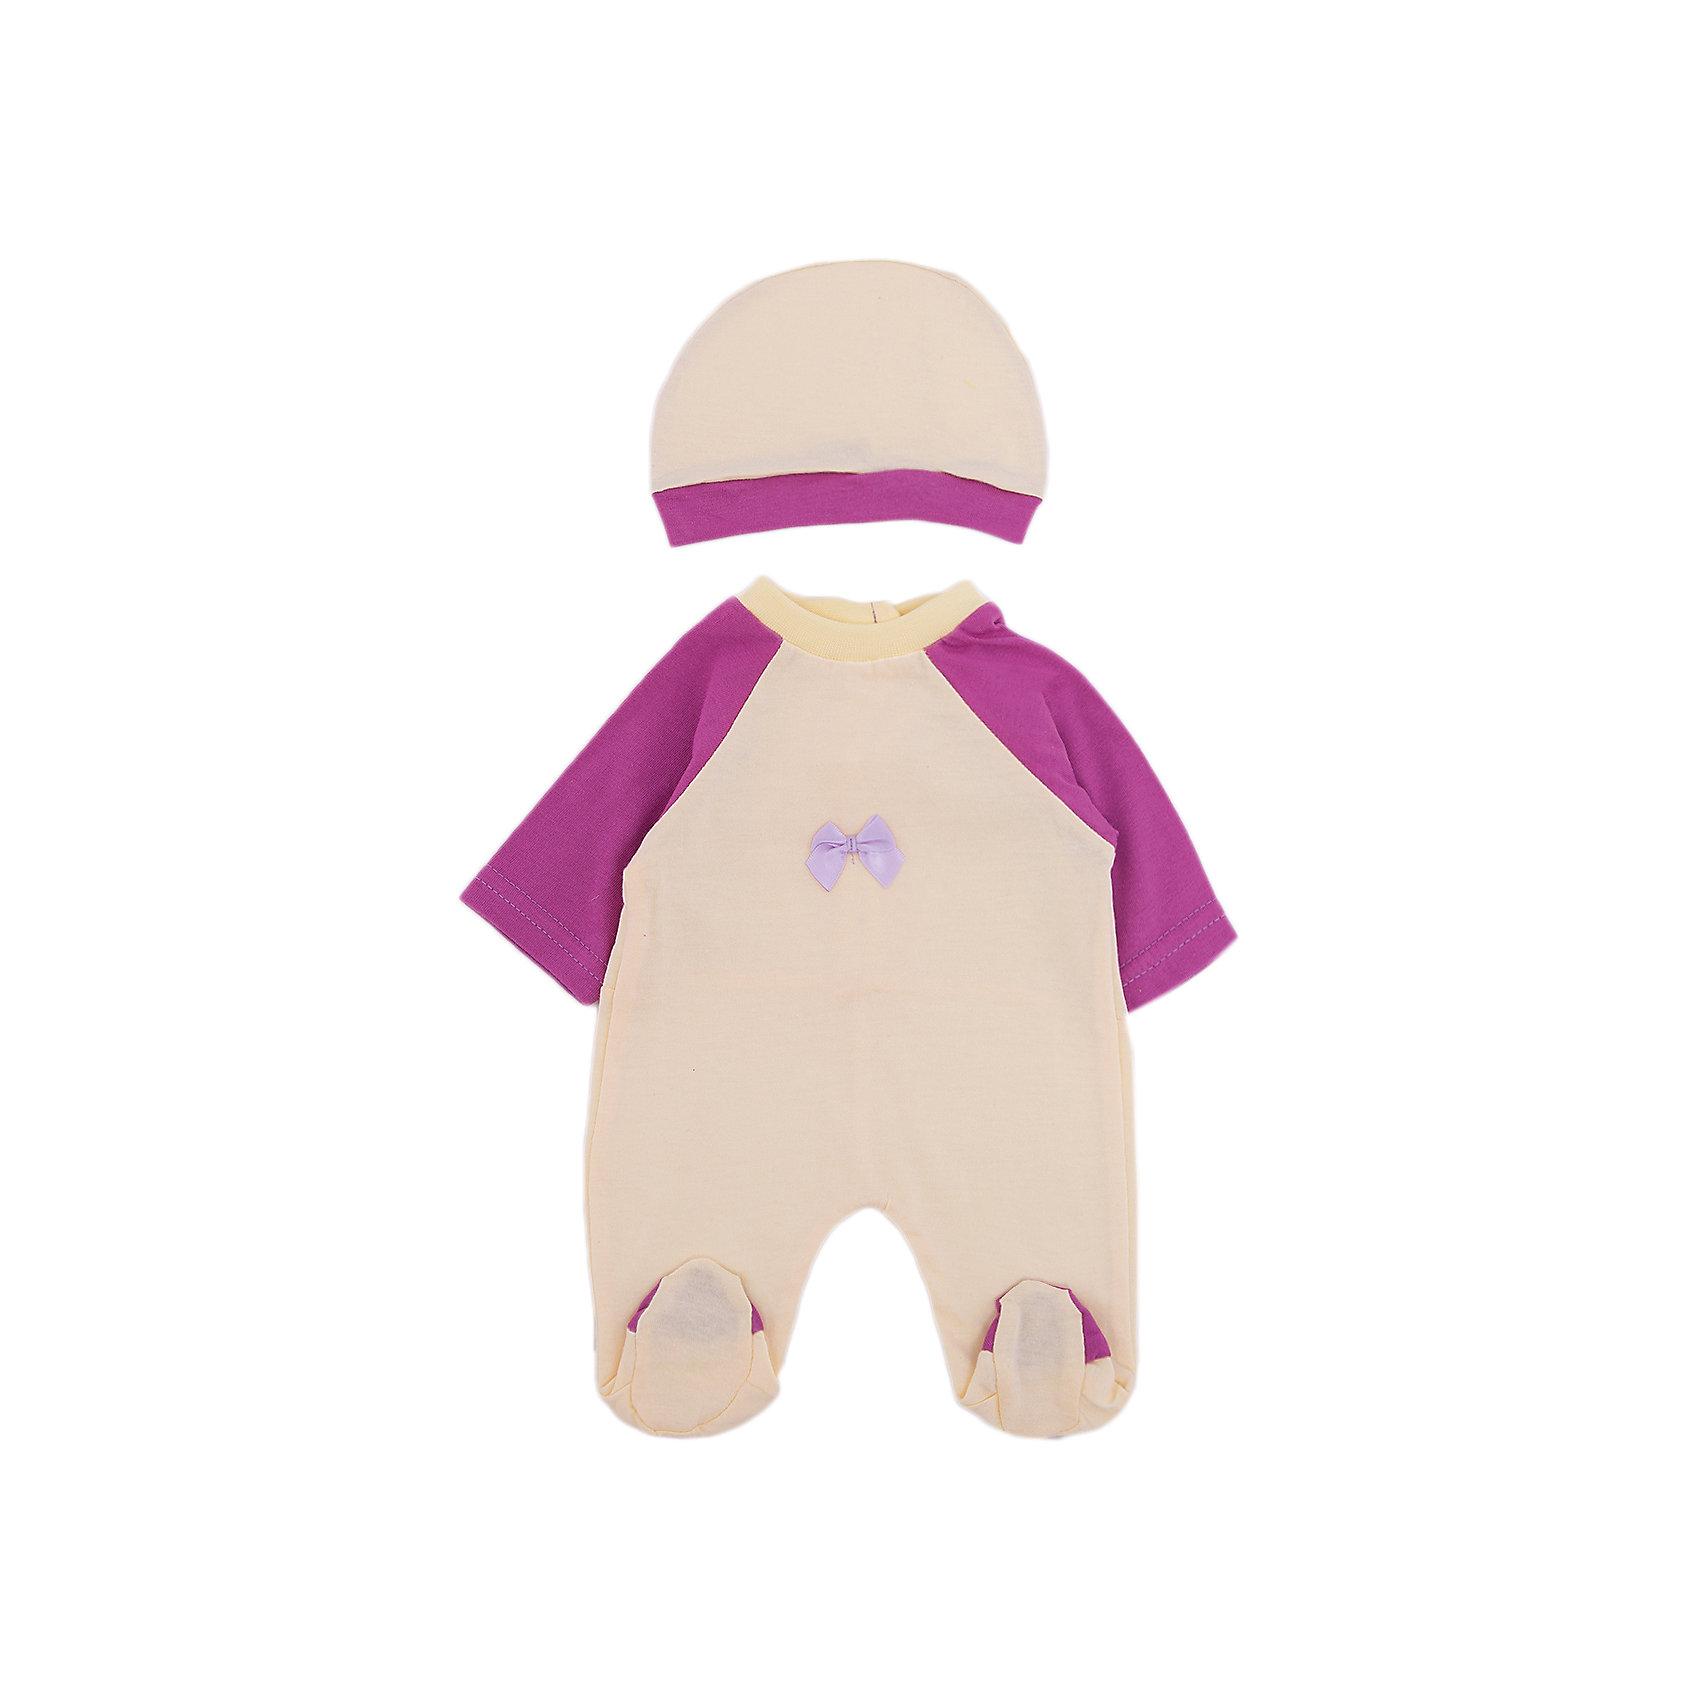 Одежда для куклы 42 см, комбинезон с шапочкой, Mary PoppinsОдежда для куклы 42 см, комбинезон с шапочкой от популярного российского бренда кукол и аксессуаров Mary Poppins (Мэри Поппинс). Интересный  комбинезон насыщенного цвета с длинным рукавом подойдет всем куклам длиной от 38 до 42 см., а шапочка в тон придет по вкусу хозяйке кукол. Маленькая мама может теперь менять одежду своим деткам или даже стирать ее в игрушечной машине. Играя с куклами дети познают человека, как с физиологической, так и с стороны общения между людьми, развивается моторика рук, внимание, воображение, такие игры положительно влияют на психологическое развитие. <br><br>Дополнительная информация:<br><br>- В комплект входит: комбинезон, шапочка<br>- Материал: текстиль<br>- Размер: 18 * 30 см.<br><br>Одежду для куклы 42 см, комбинезон с шапочкой, в ассортименте, Mary Poppins (Мэри Поппинс) можно купить в нашем интернет-магазине.<br><br>Подробнее:<br>• Для детей в возрасте: от 3 до 10 лет<br>• Номер товара: 4925566<br>Страна производитель: Китай<br><br>Ширина мм: 175<br>Глубина мм: 5<br>Высота мм: 300<br>Вес г: 27<br>Возраст от месяцев: 36<br>Возраст до месяцев: 120<br>Пол: Женский<br>Возраст: Детский<br>SKU: 4925566